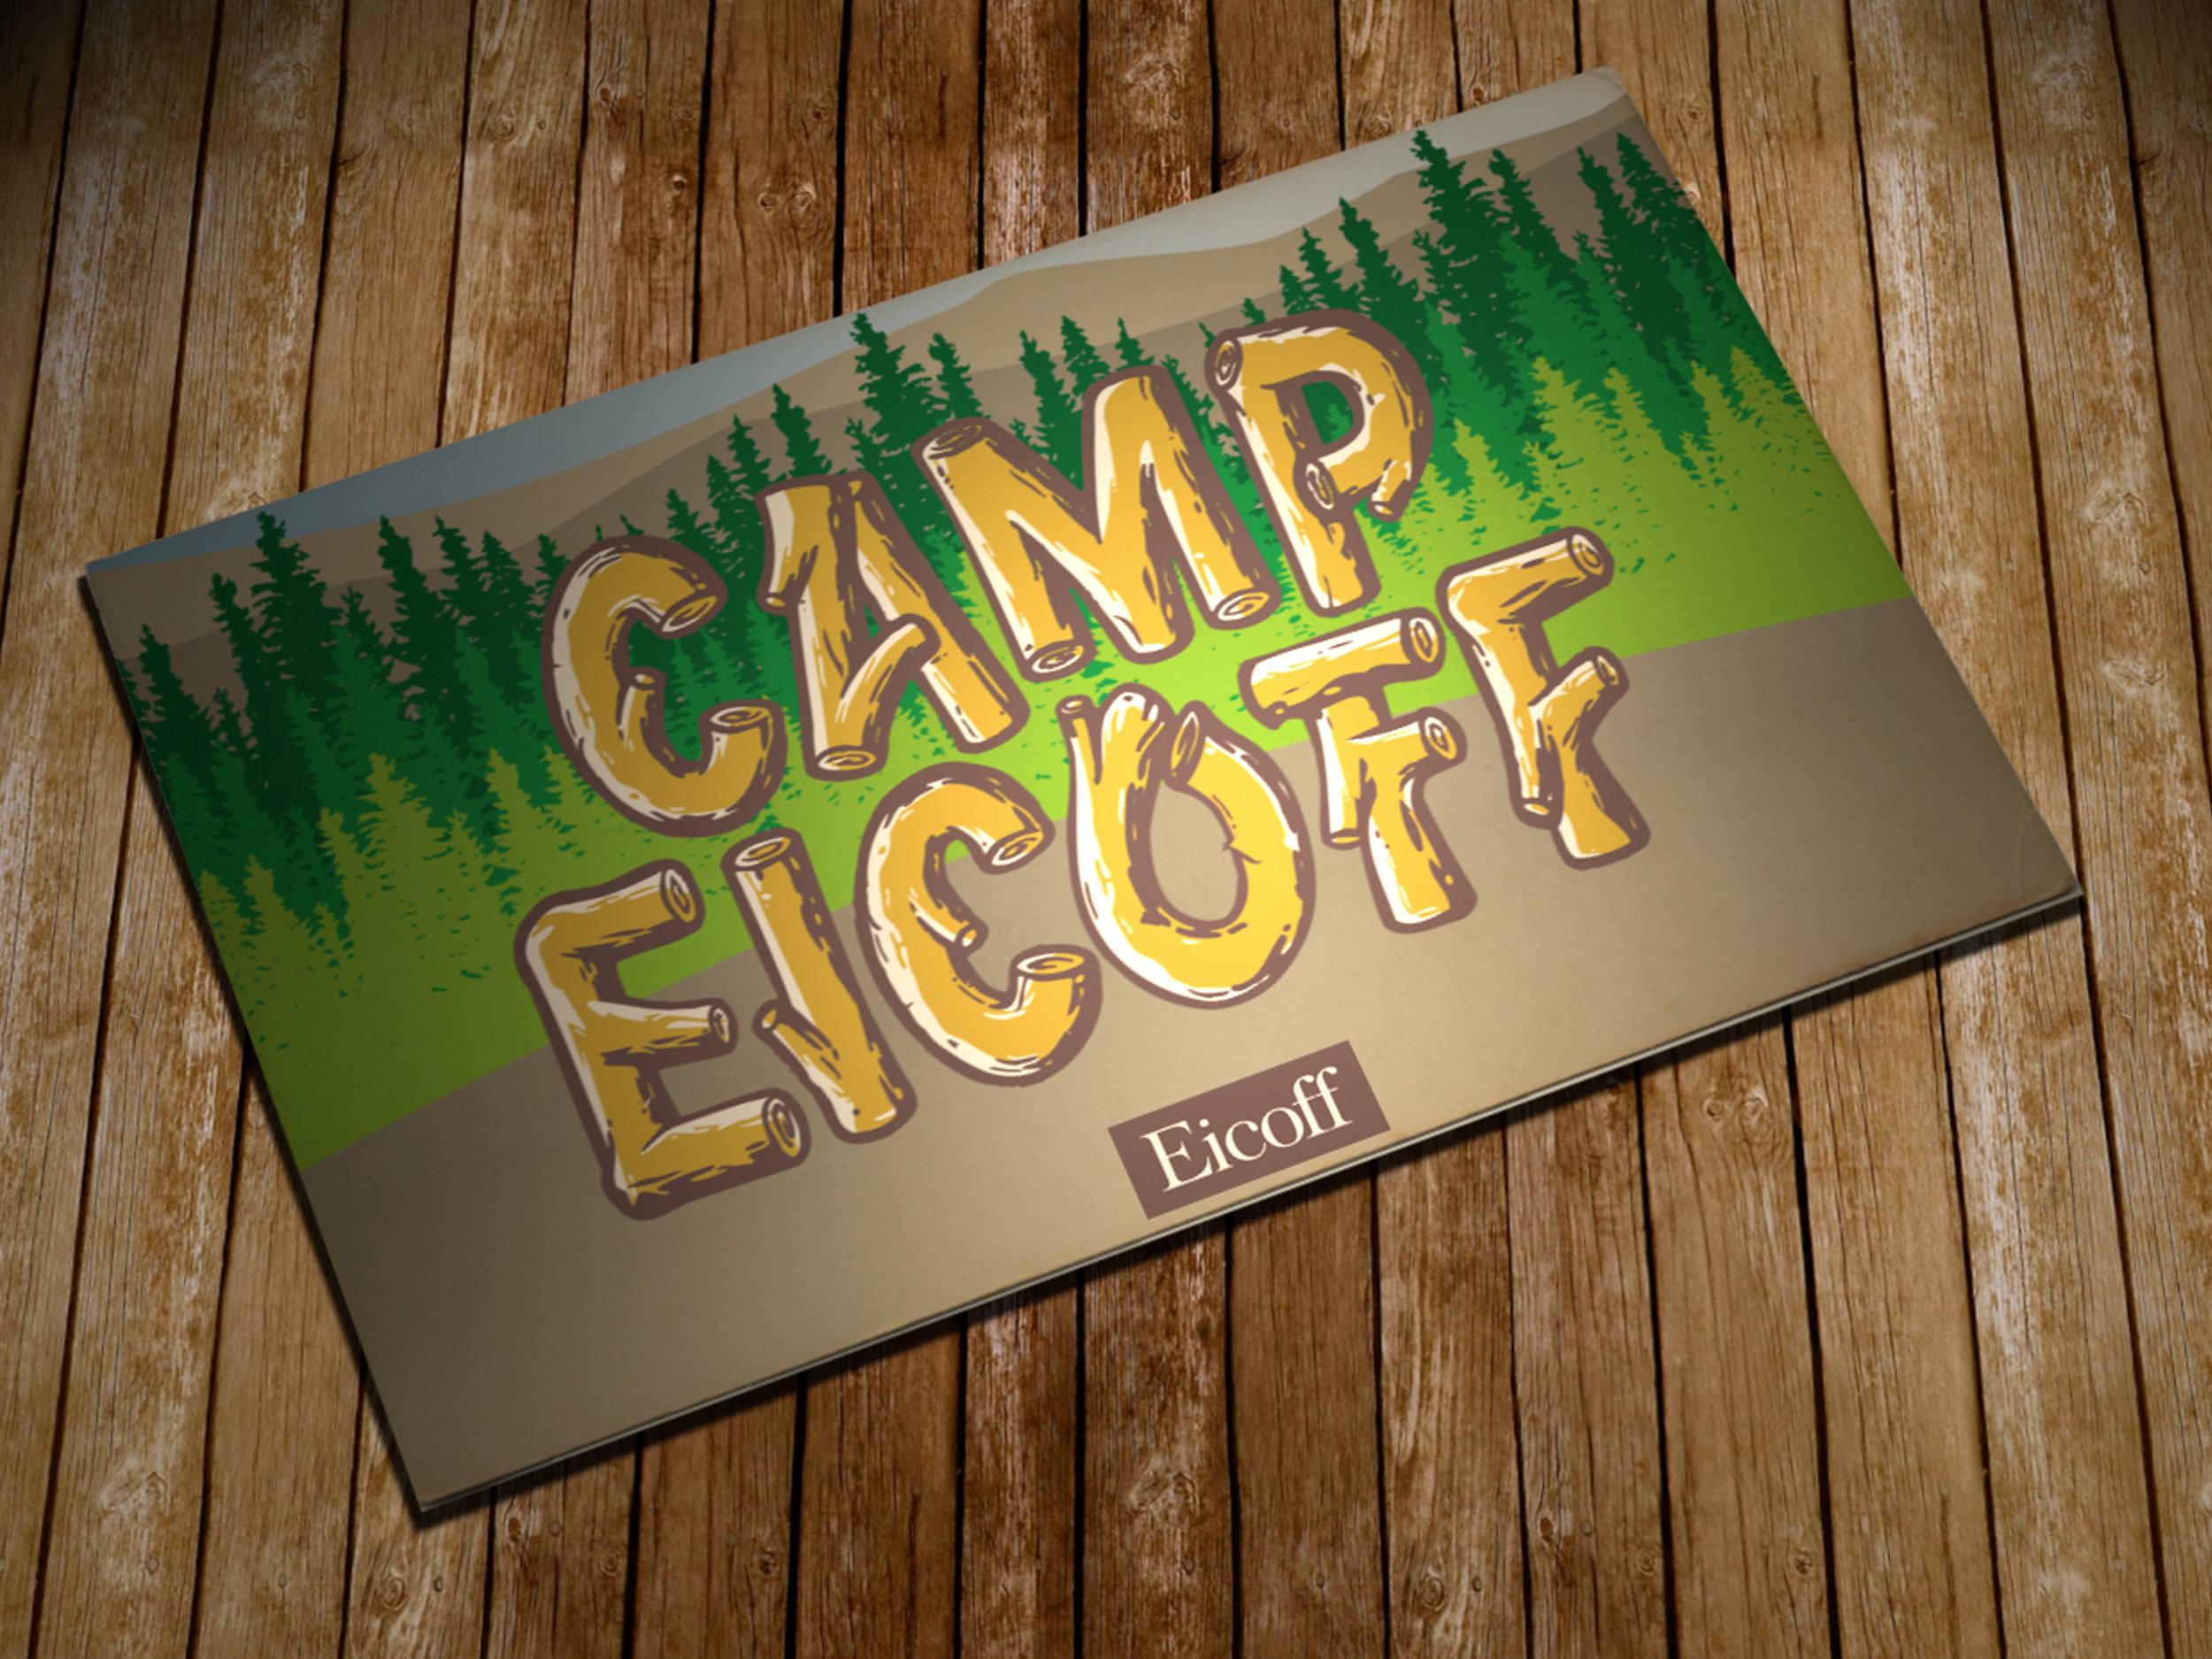 Camp_Eicoff_logo.jpg